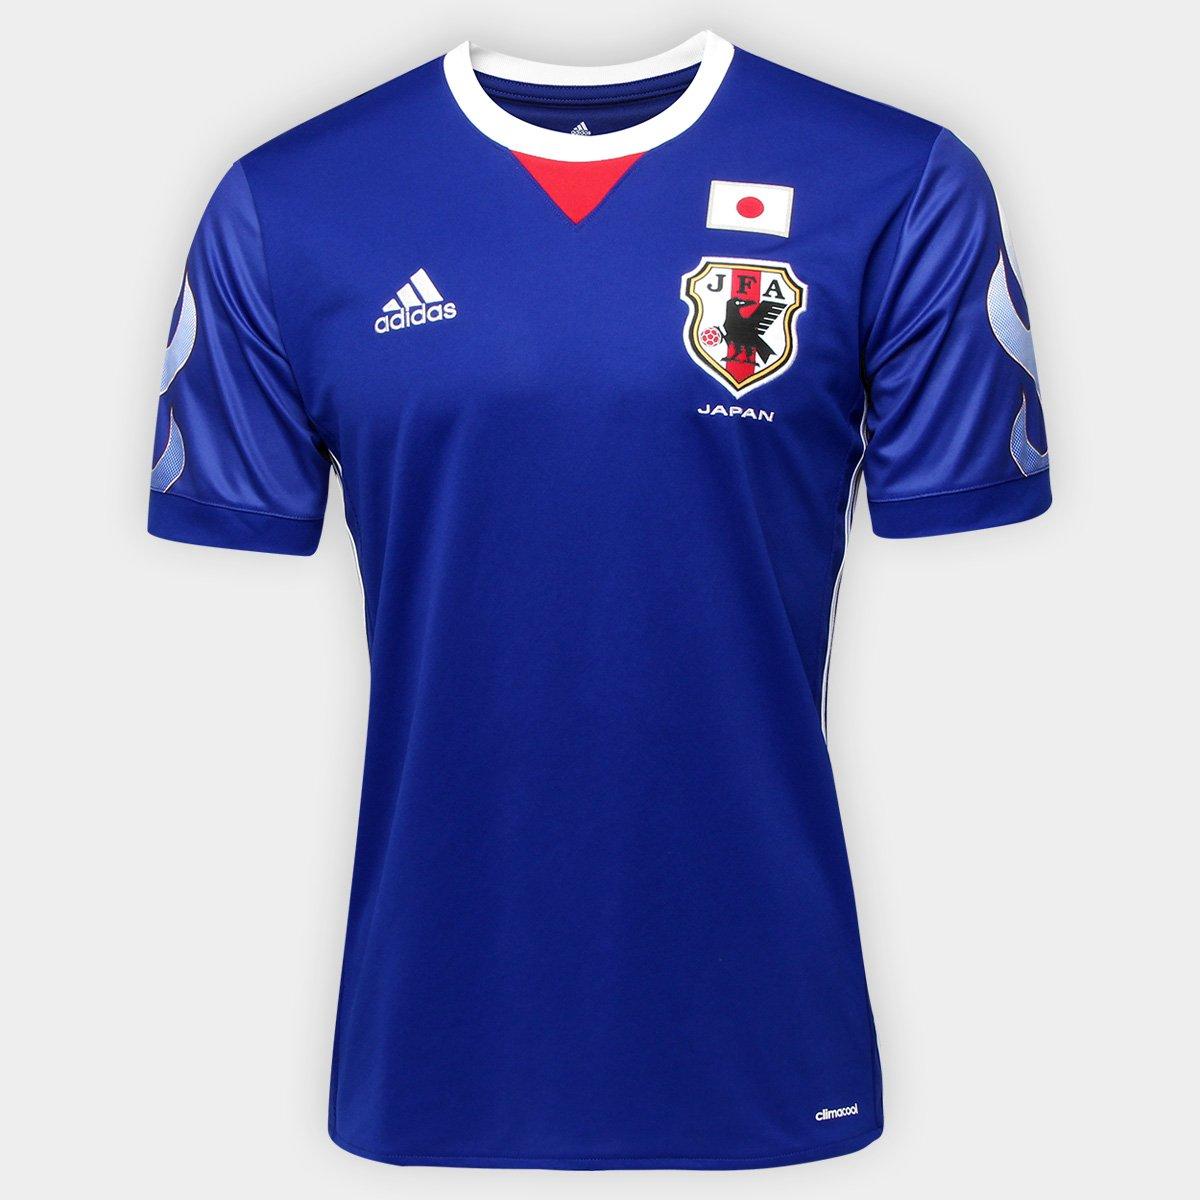 08825e087d Camisa Seleção Japão Home 17 18 s nº Torcedor Adidas Masculina - Compre  Agora